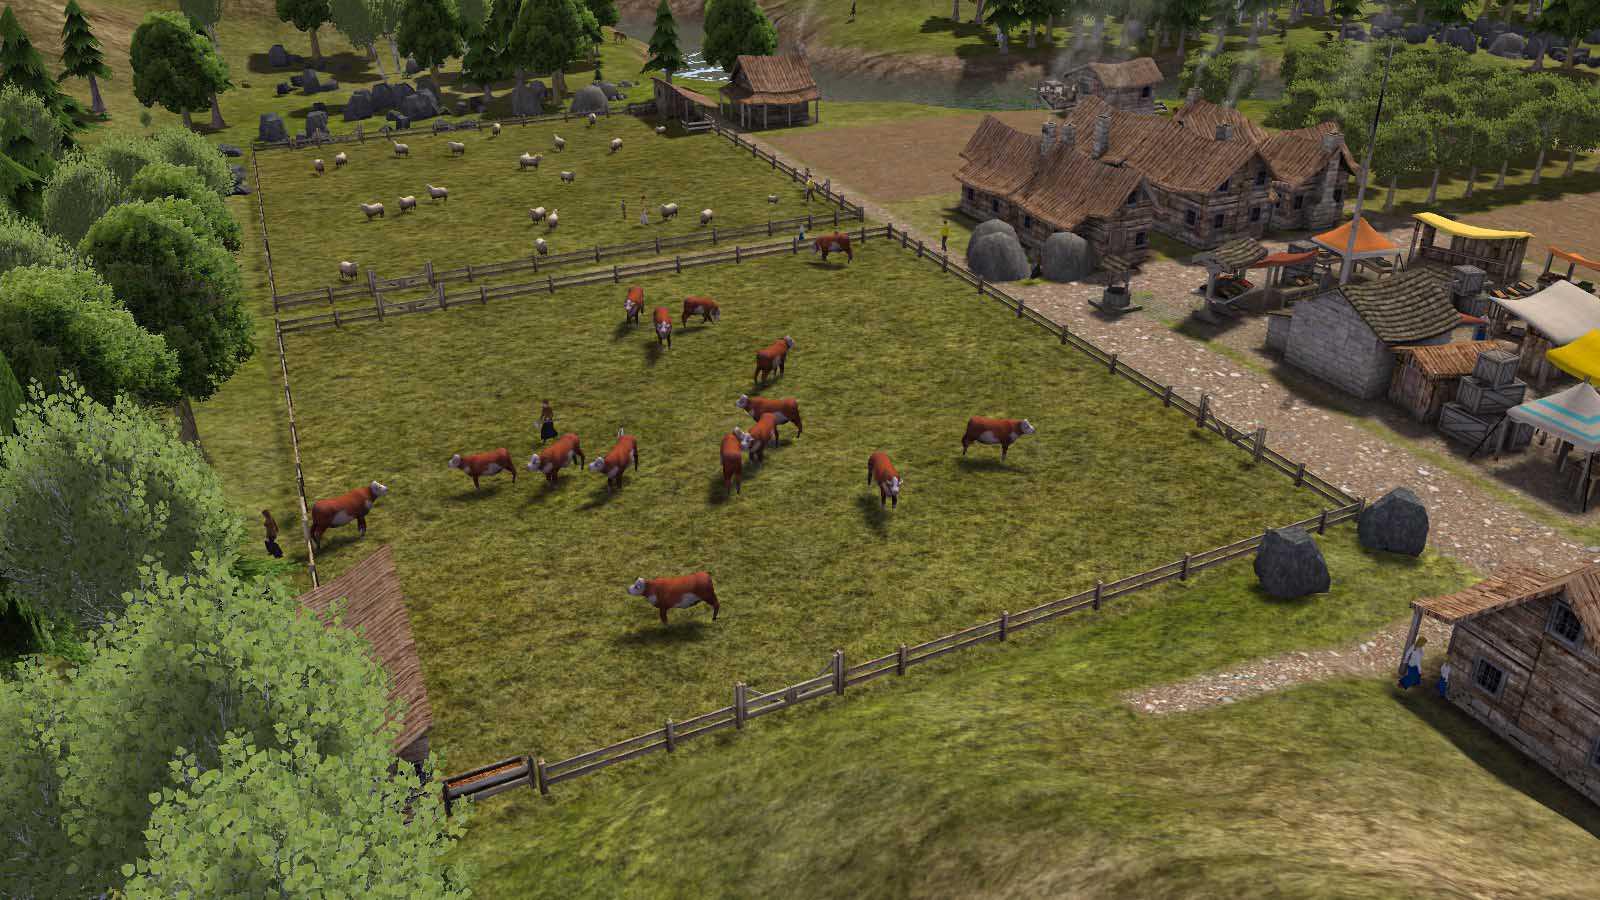 تحميل لعبة Banished مضغوطة برابط واحد مباشر كاملة مجانا